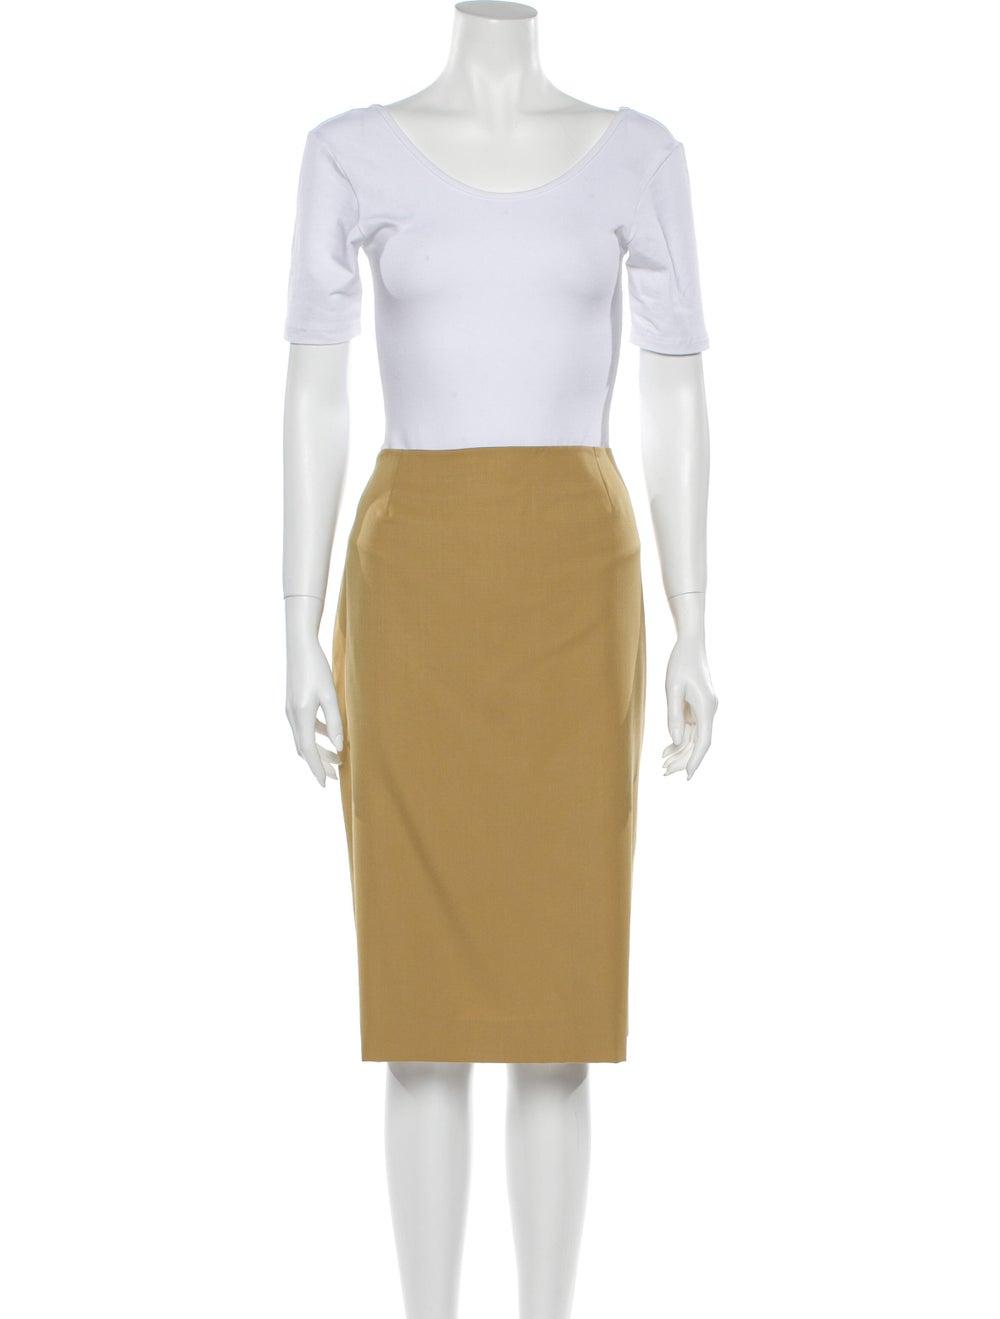 Yves Saint Laurent Rive Gauche Skirt Suit - image 4